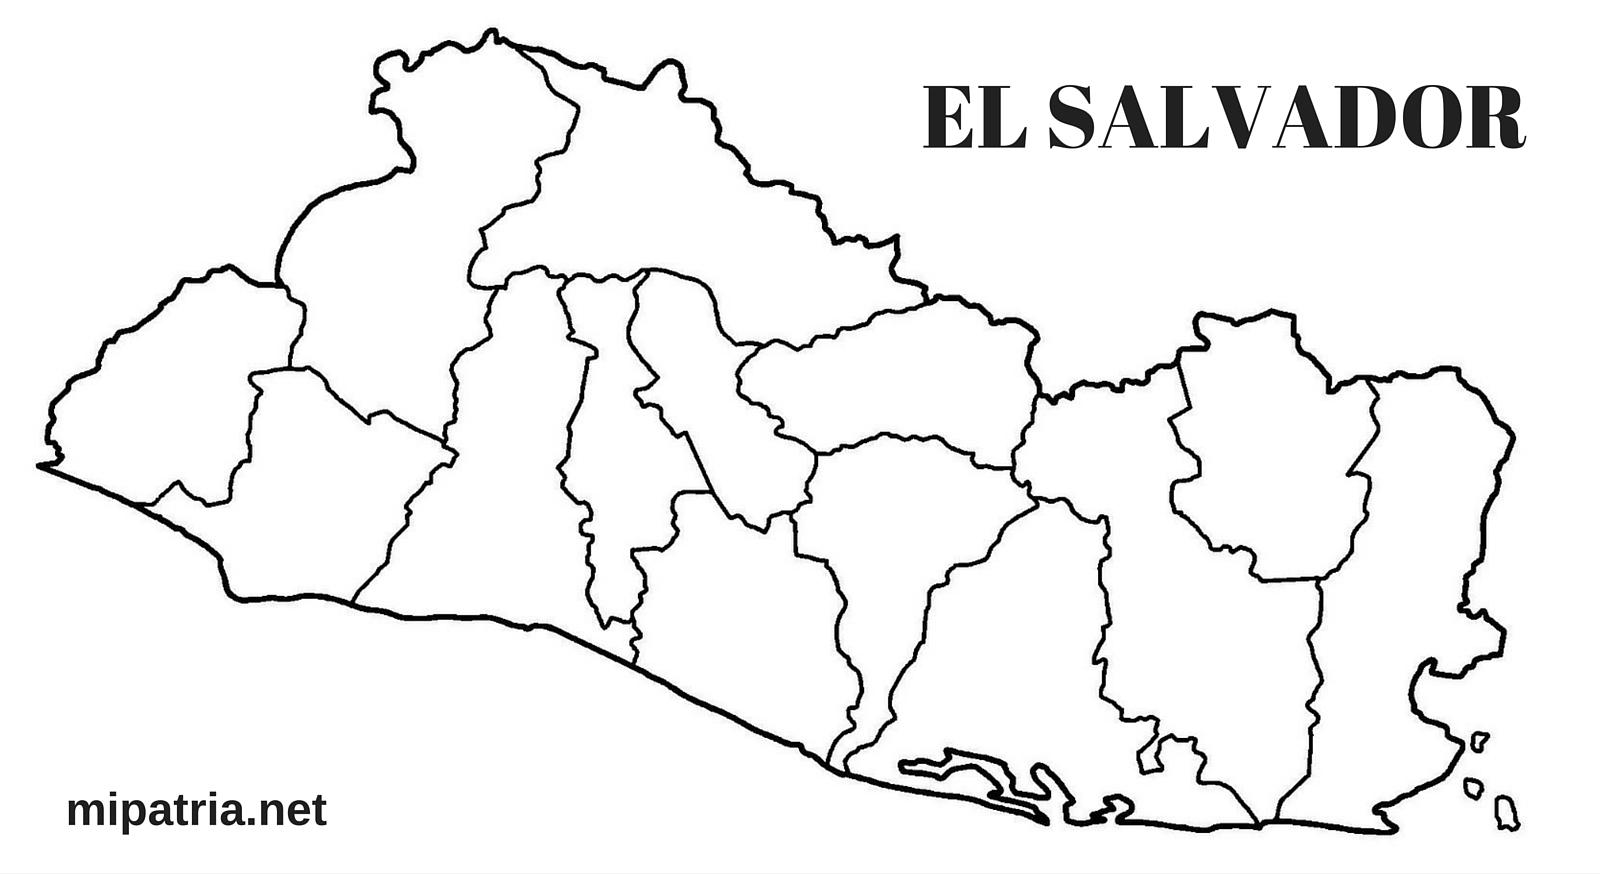 MAPA DE EL SALVADOR CON SUS DEPARTAMENTOS - MIPATRIA.NET